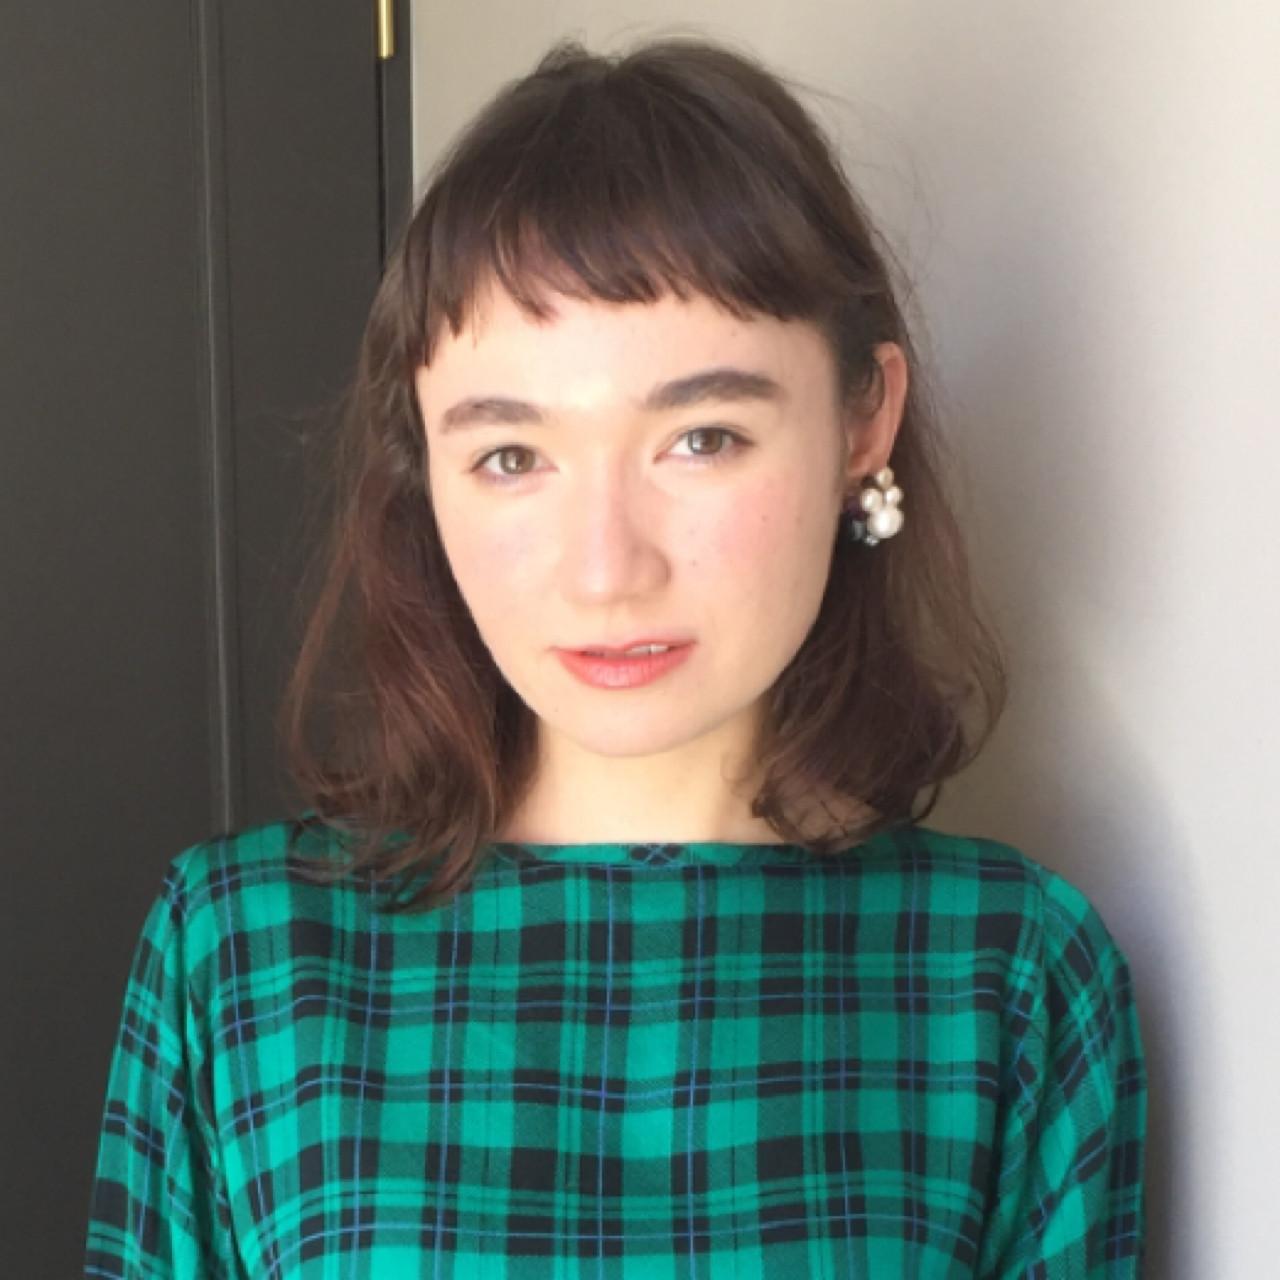 お嬢様風♡前髪なしに見える高い位置のオン眉ヘア 岩城 浩子